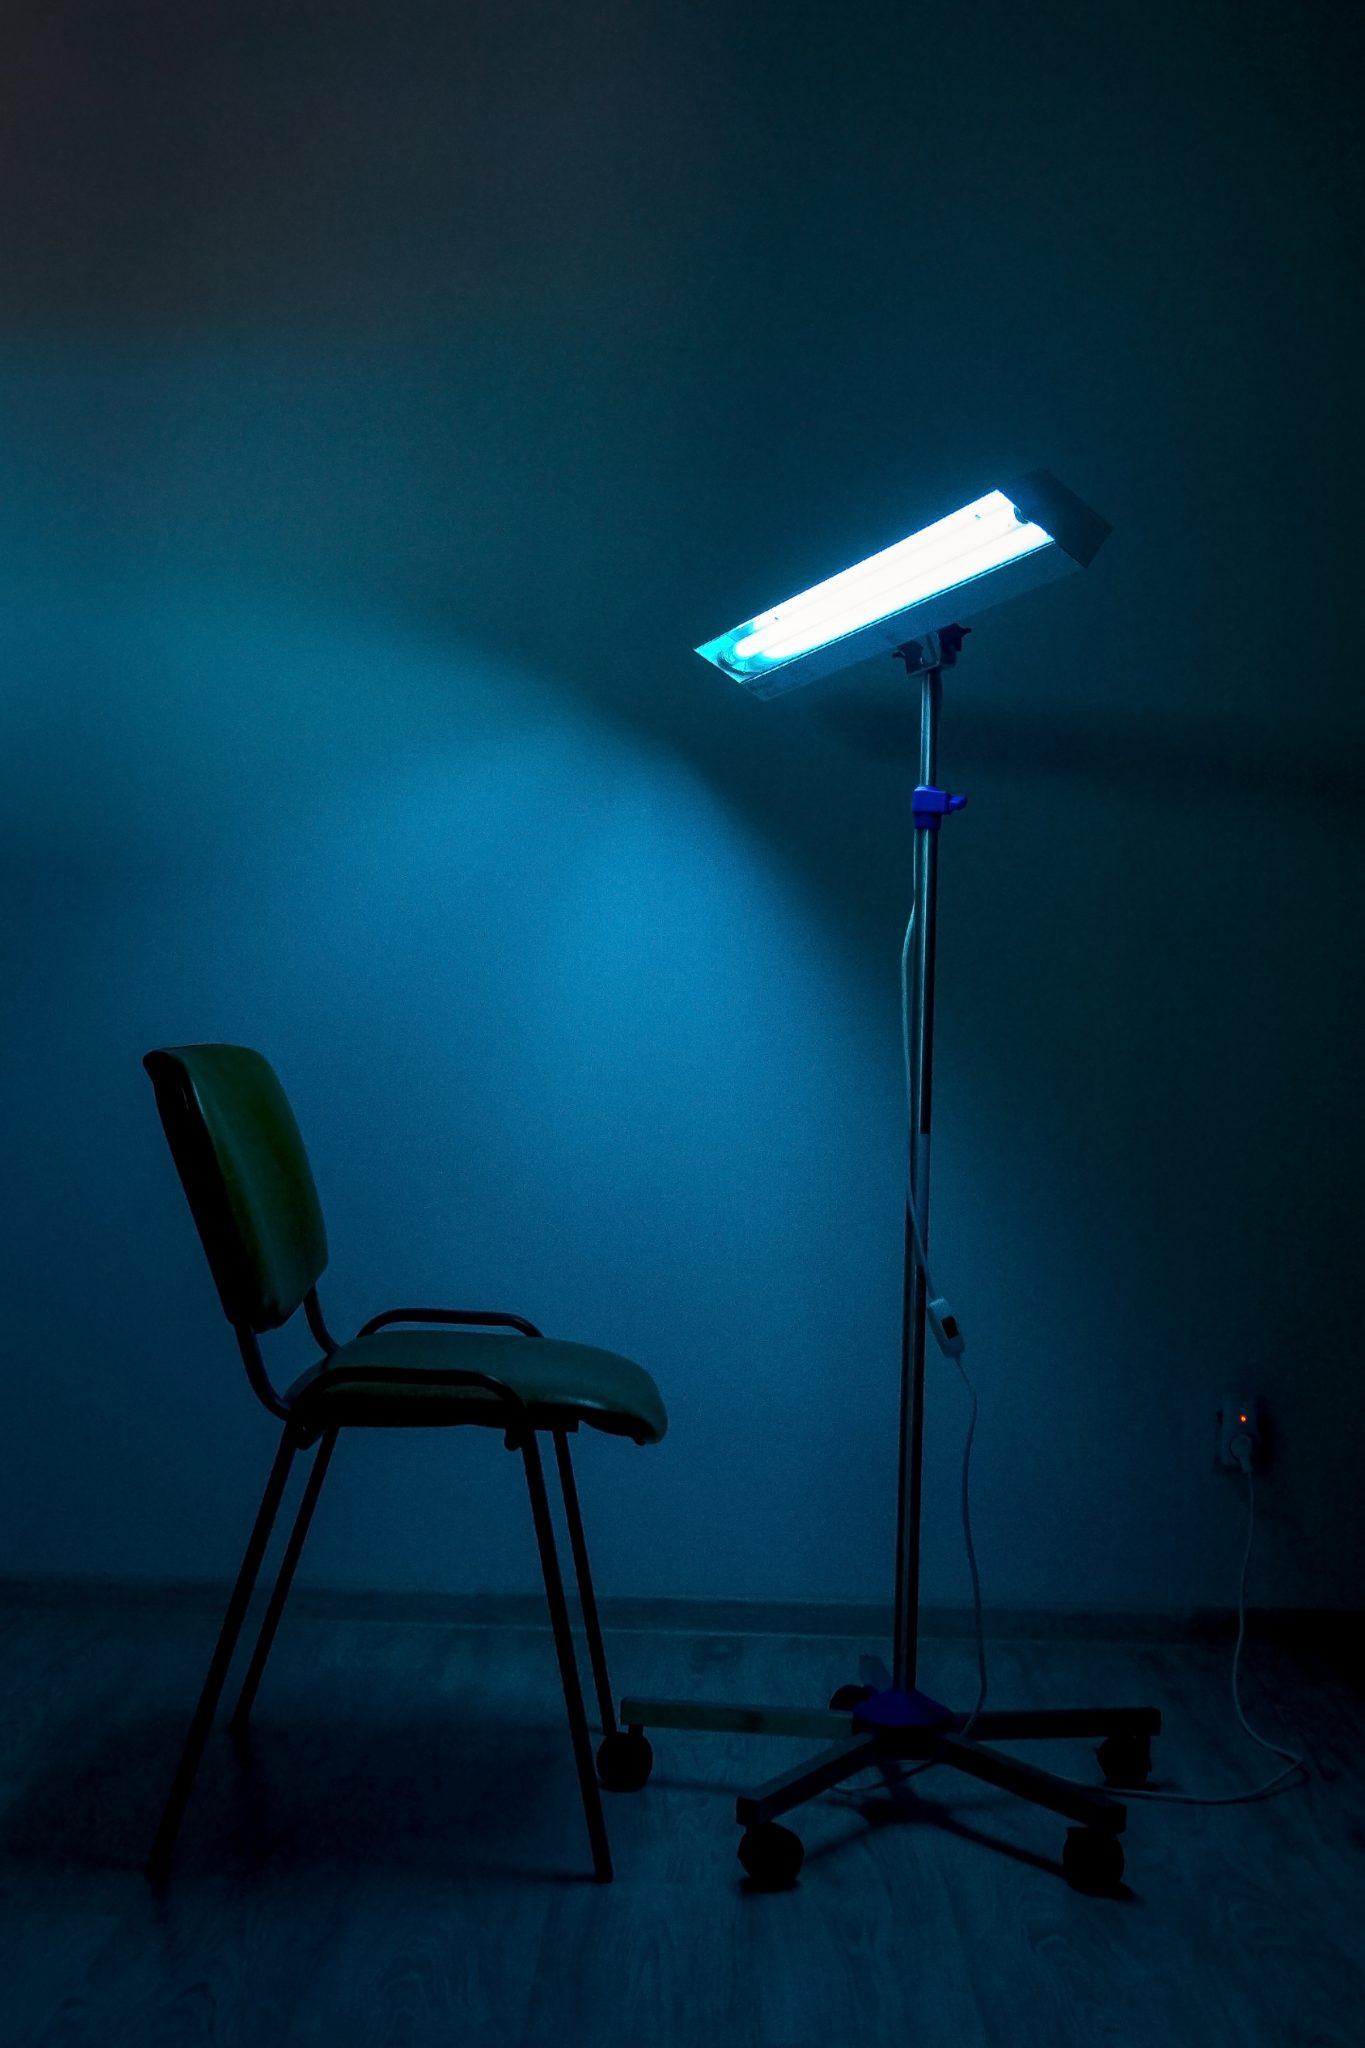 lampa catre scaun